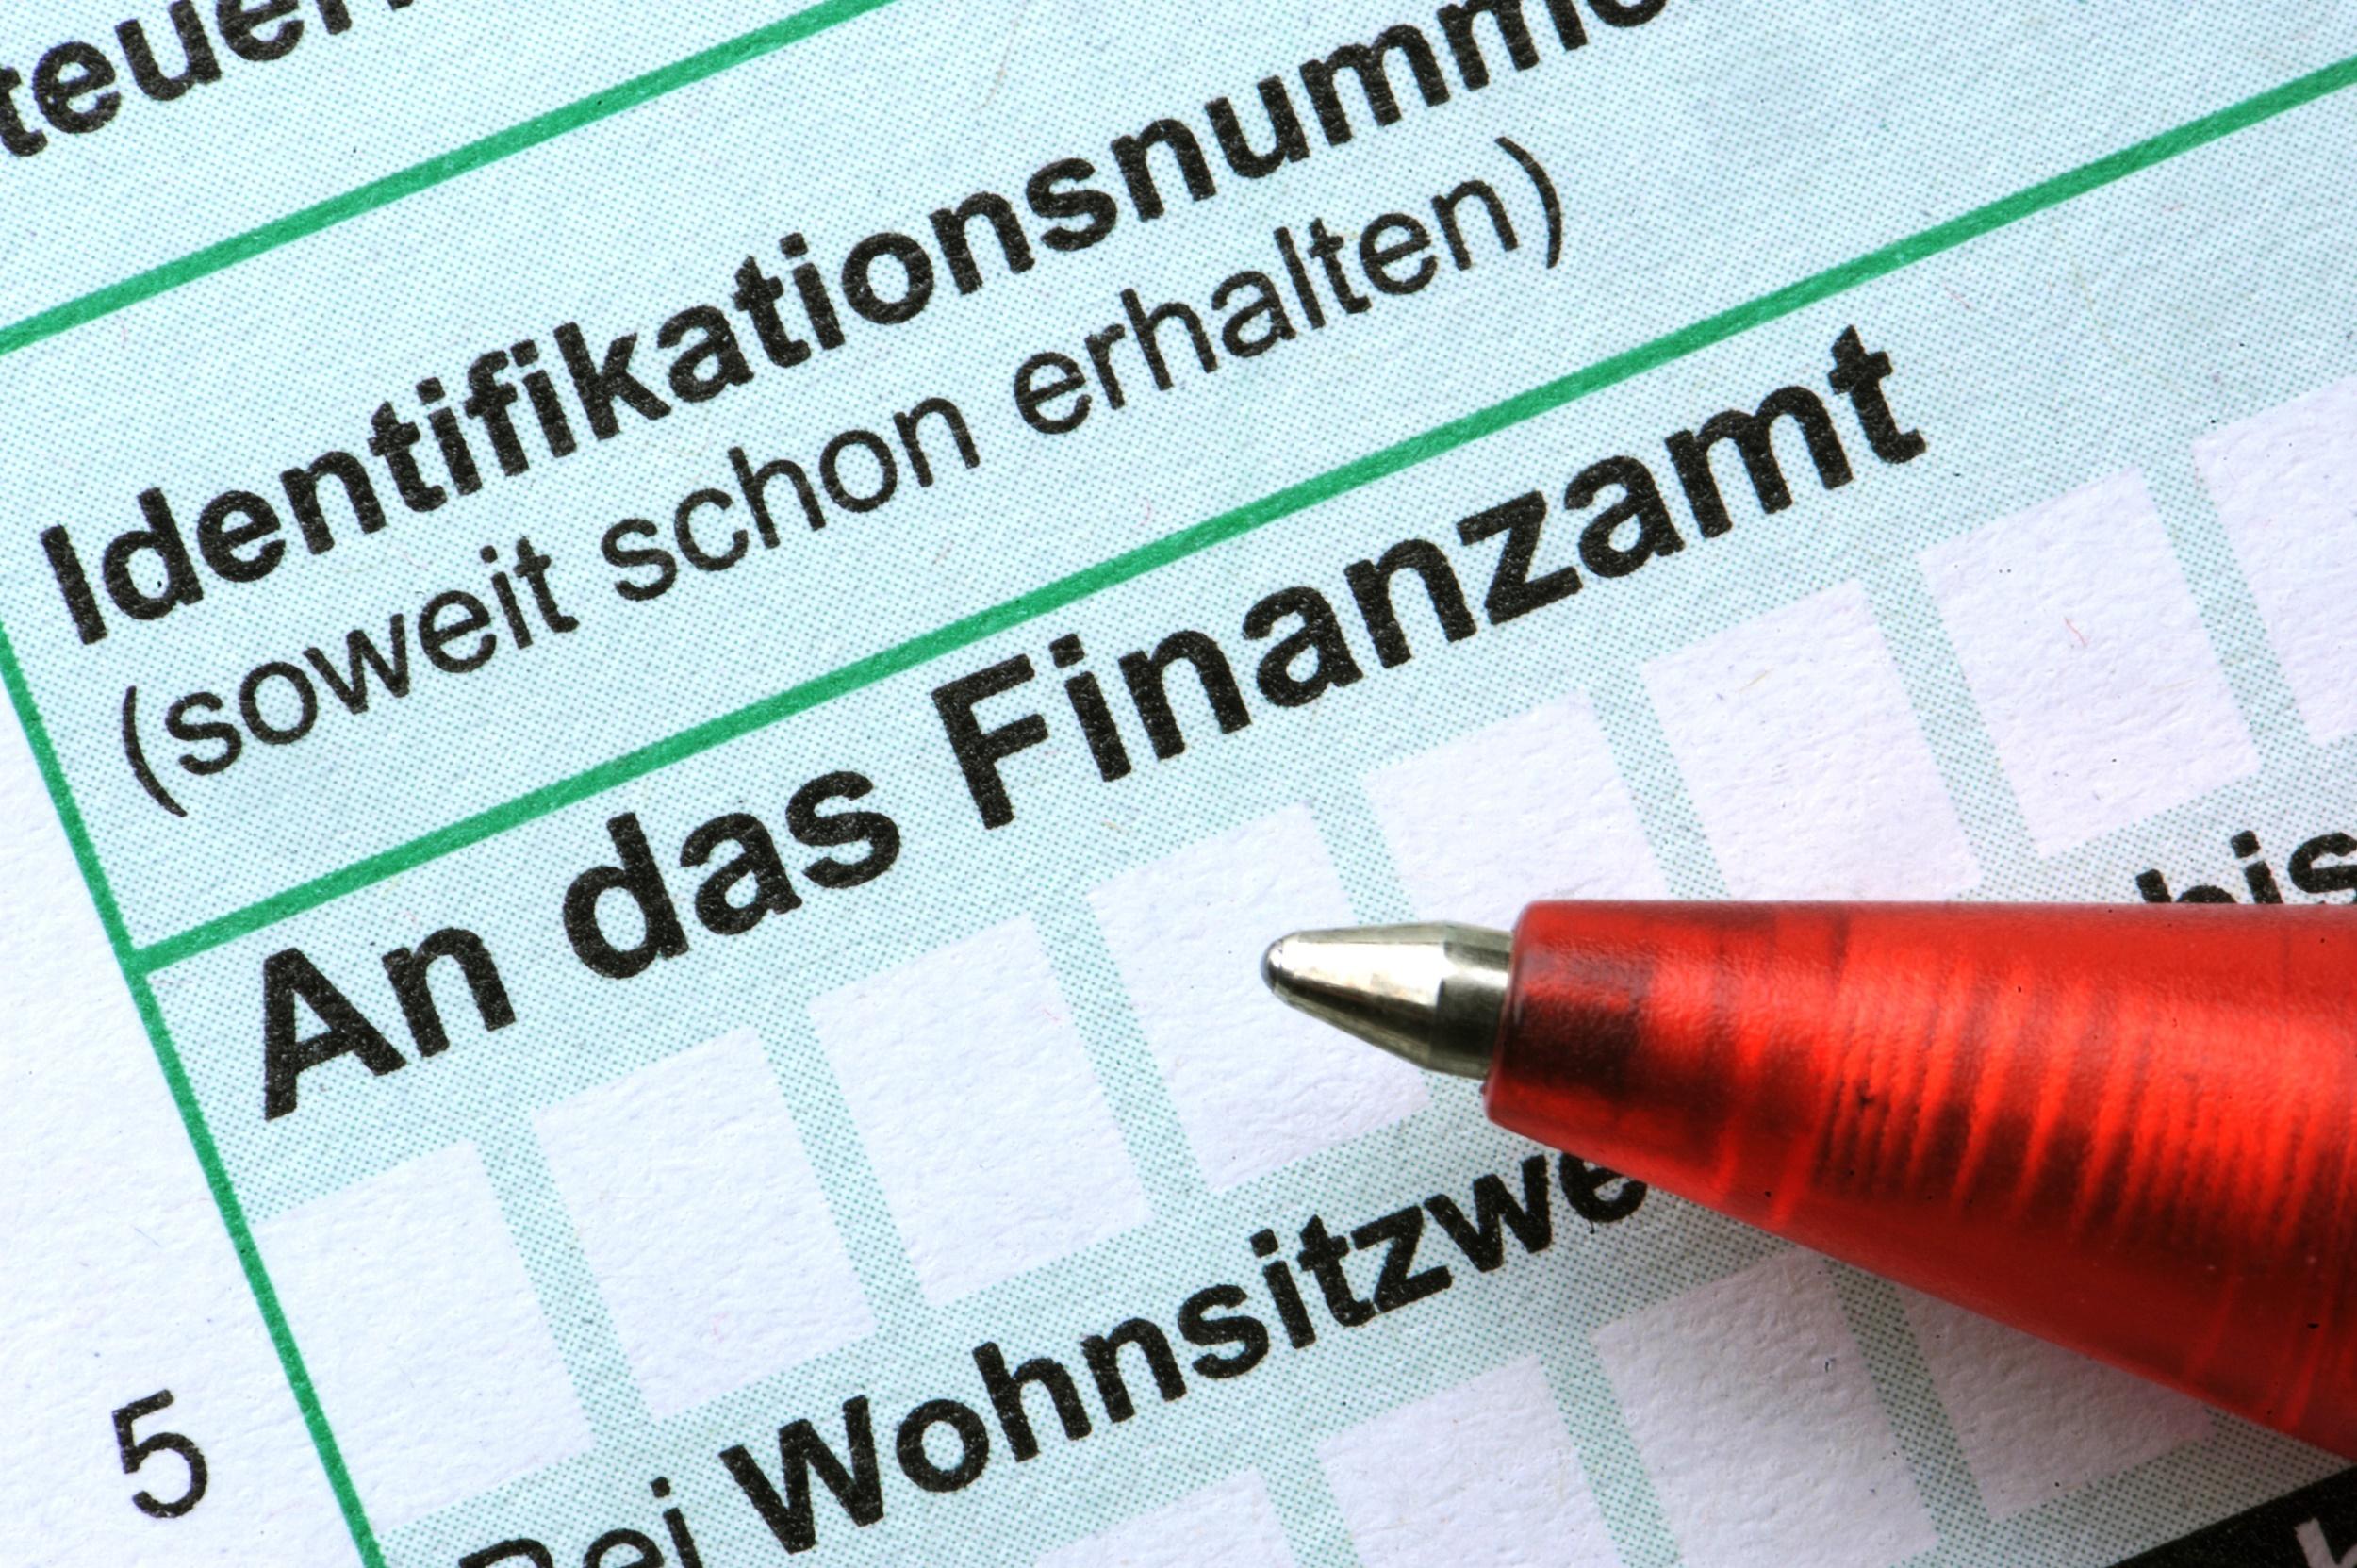 Falsche Angaben in der Steuererklärung können leicht korrigiert werden.